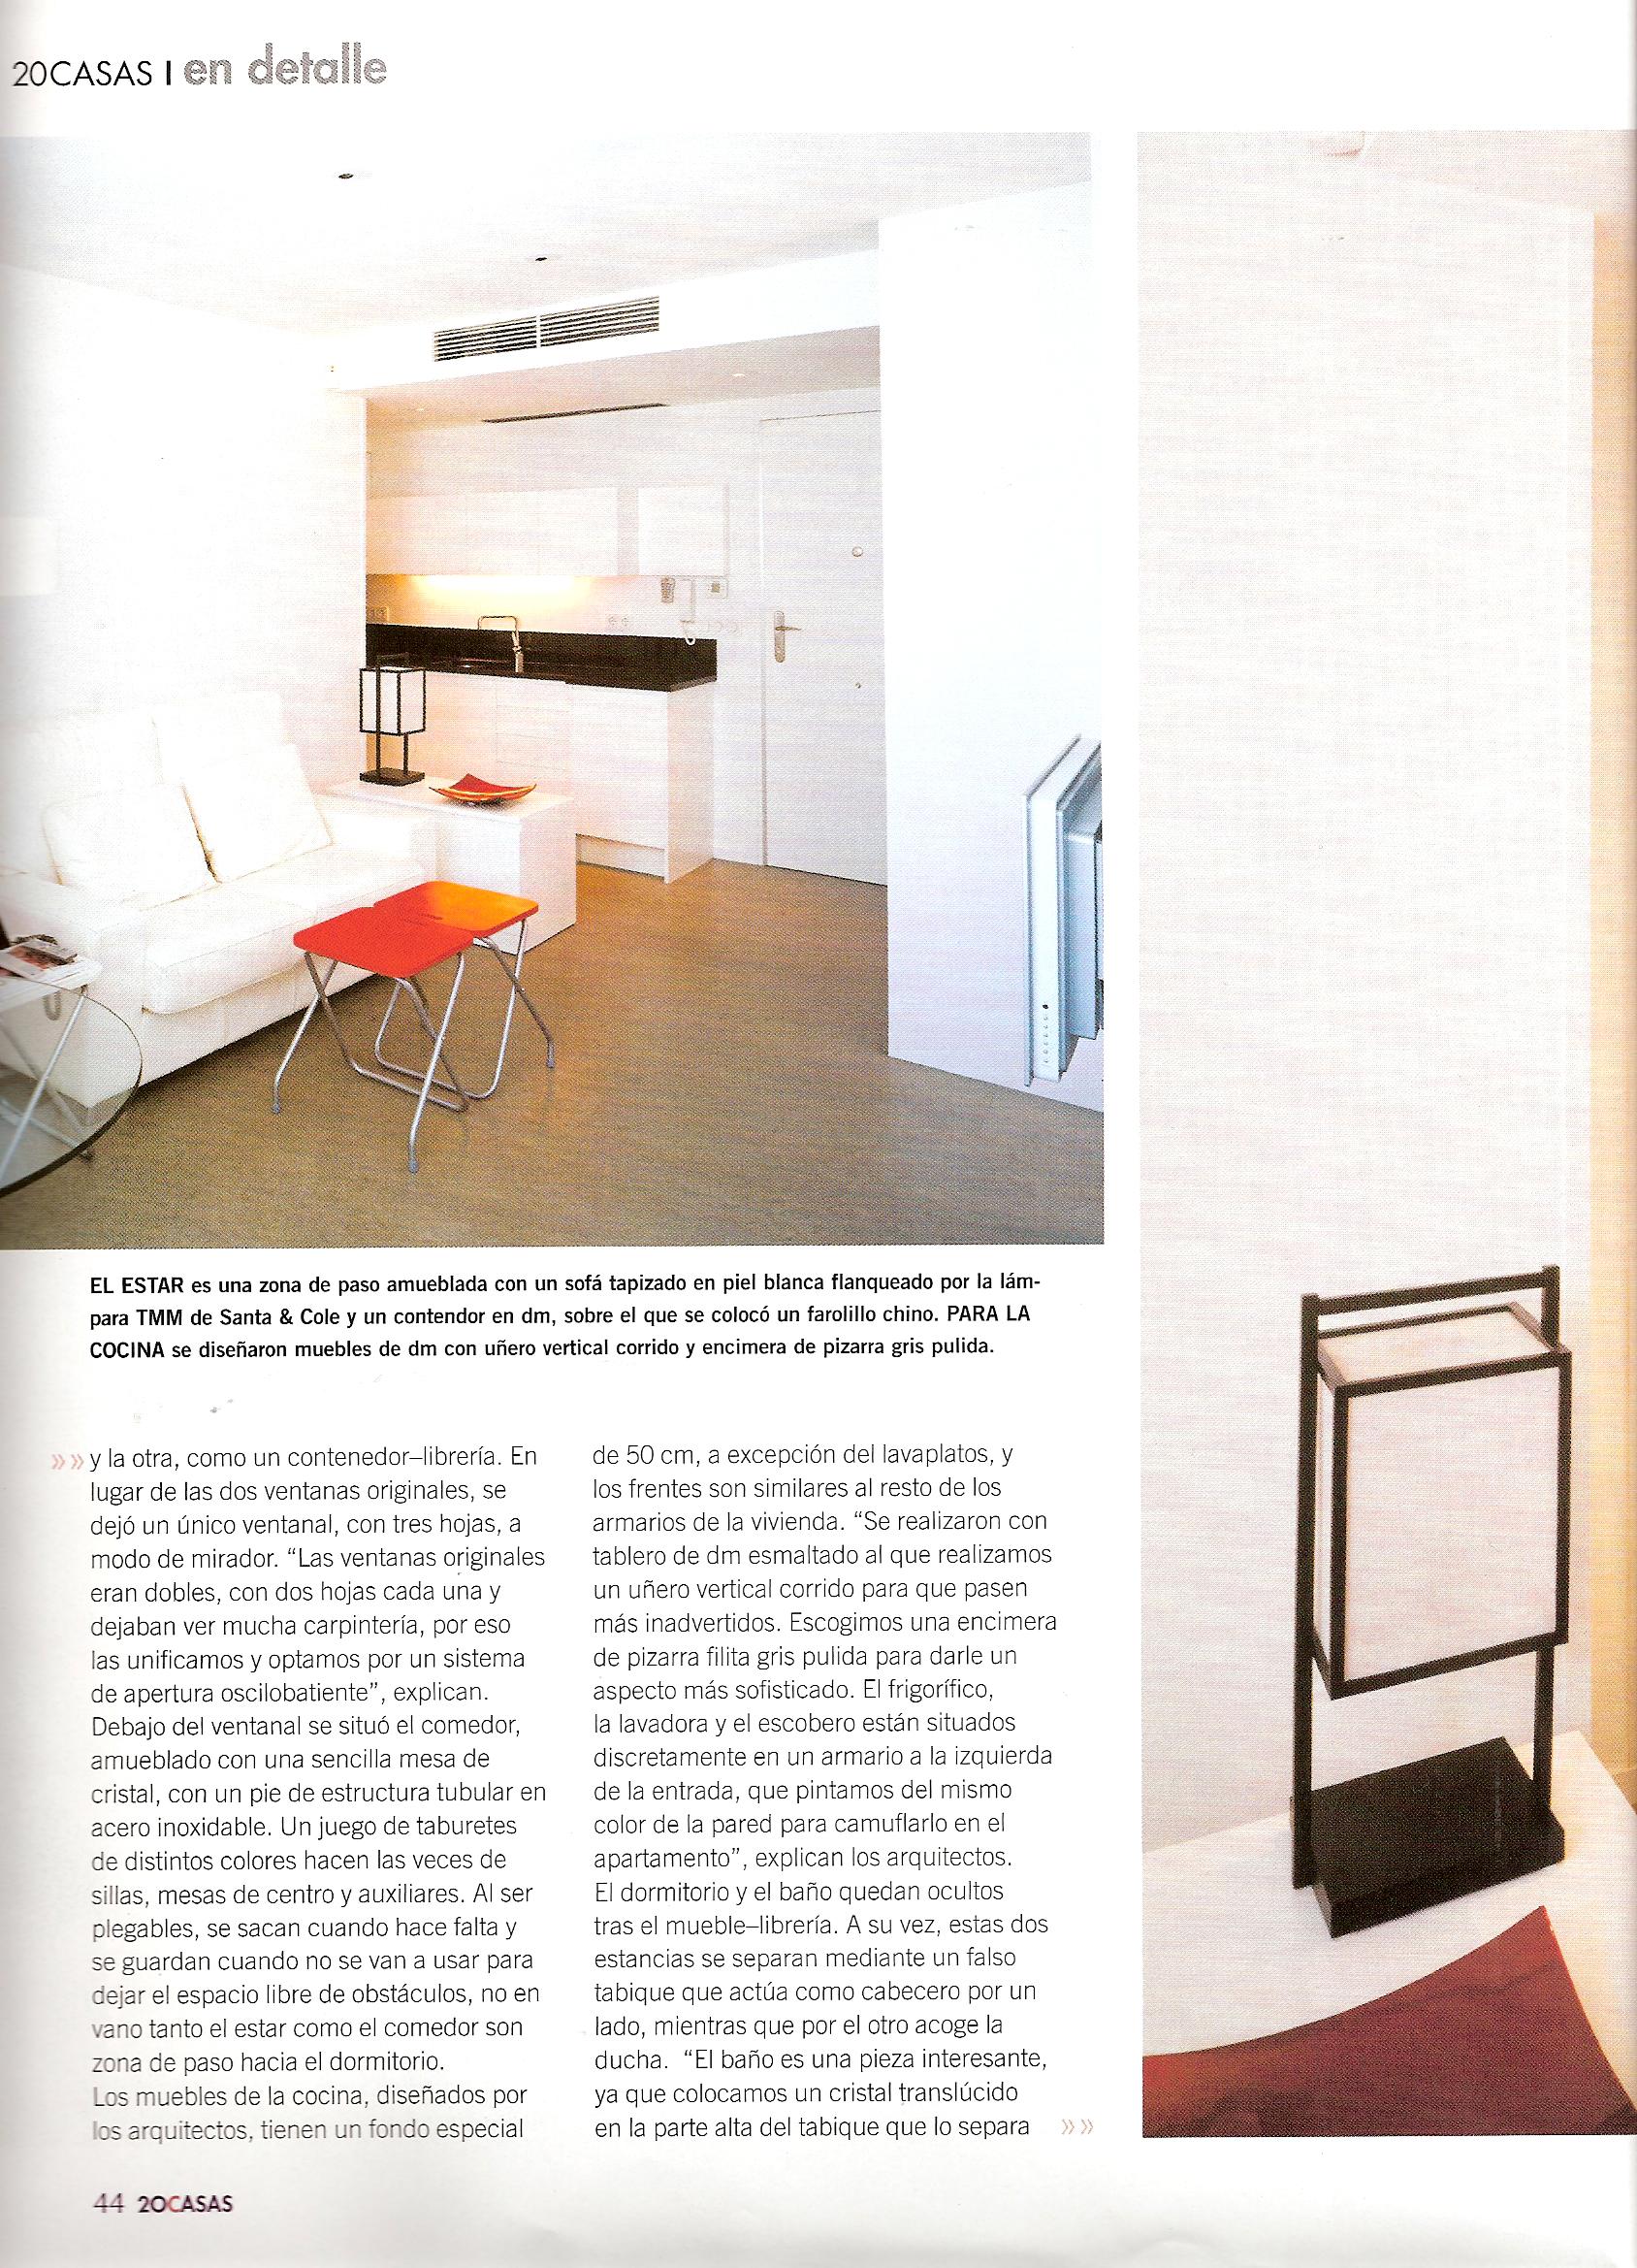 20-casas-pagina-3